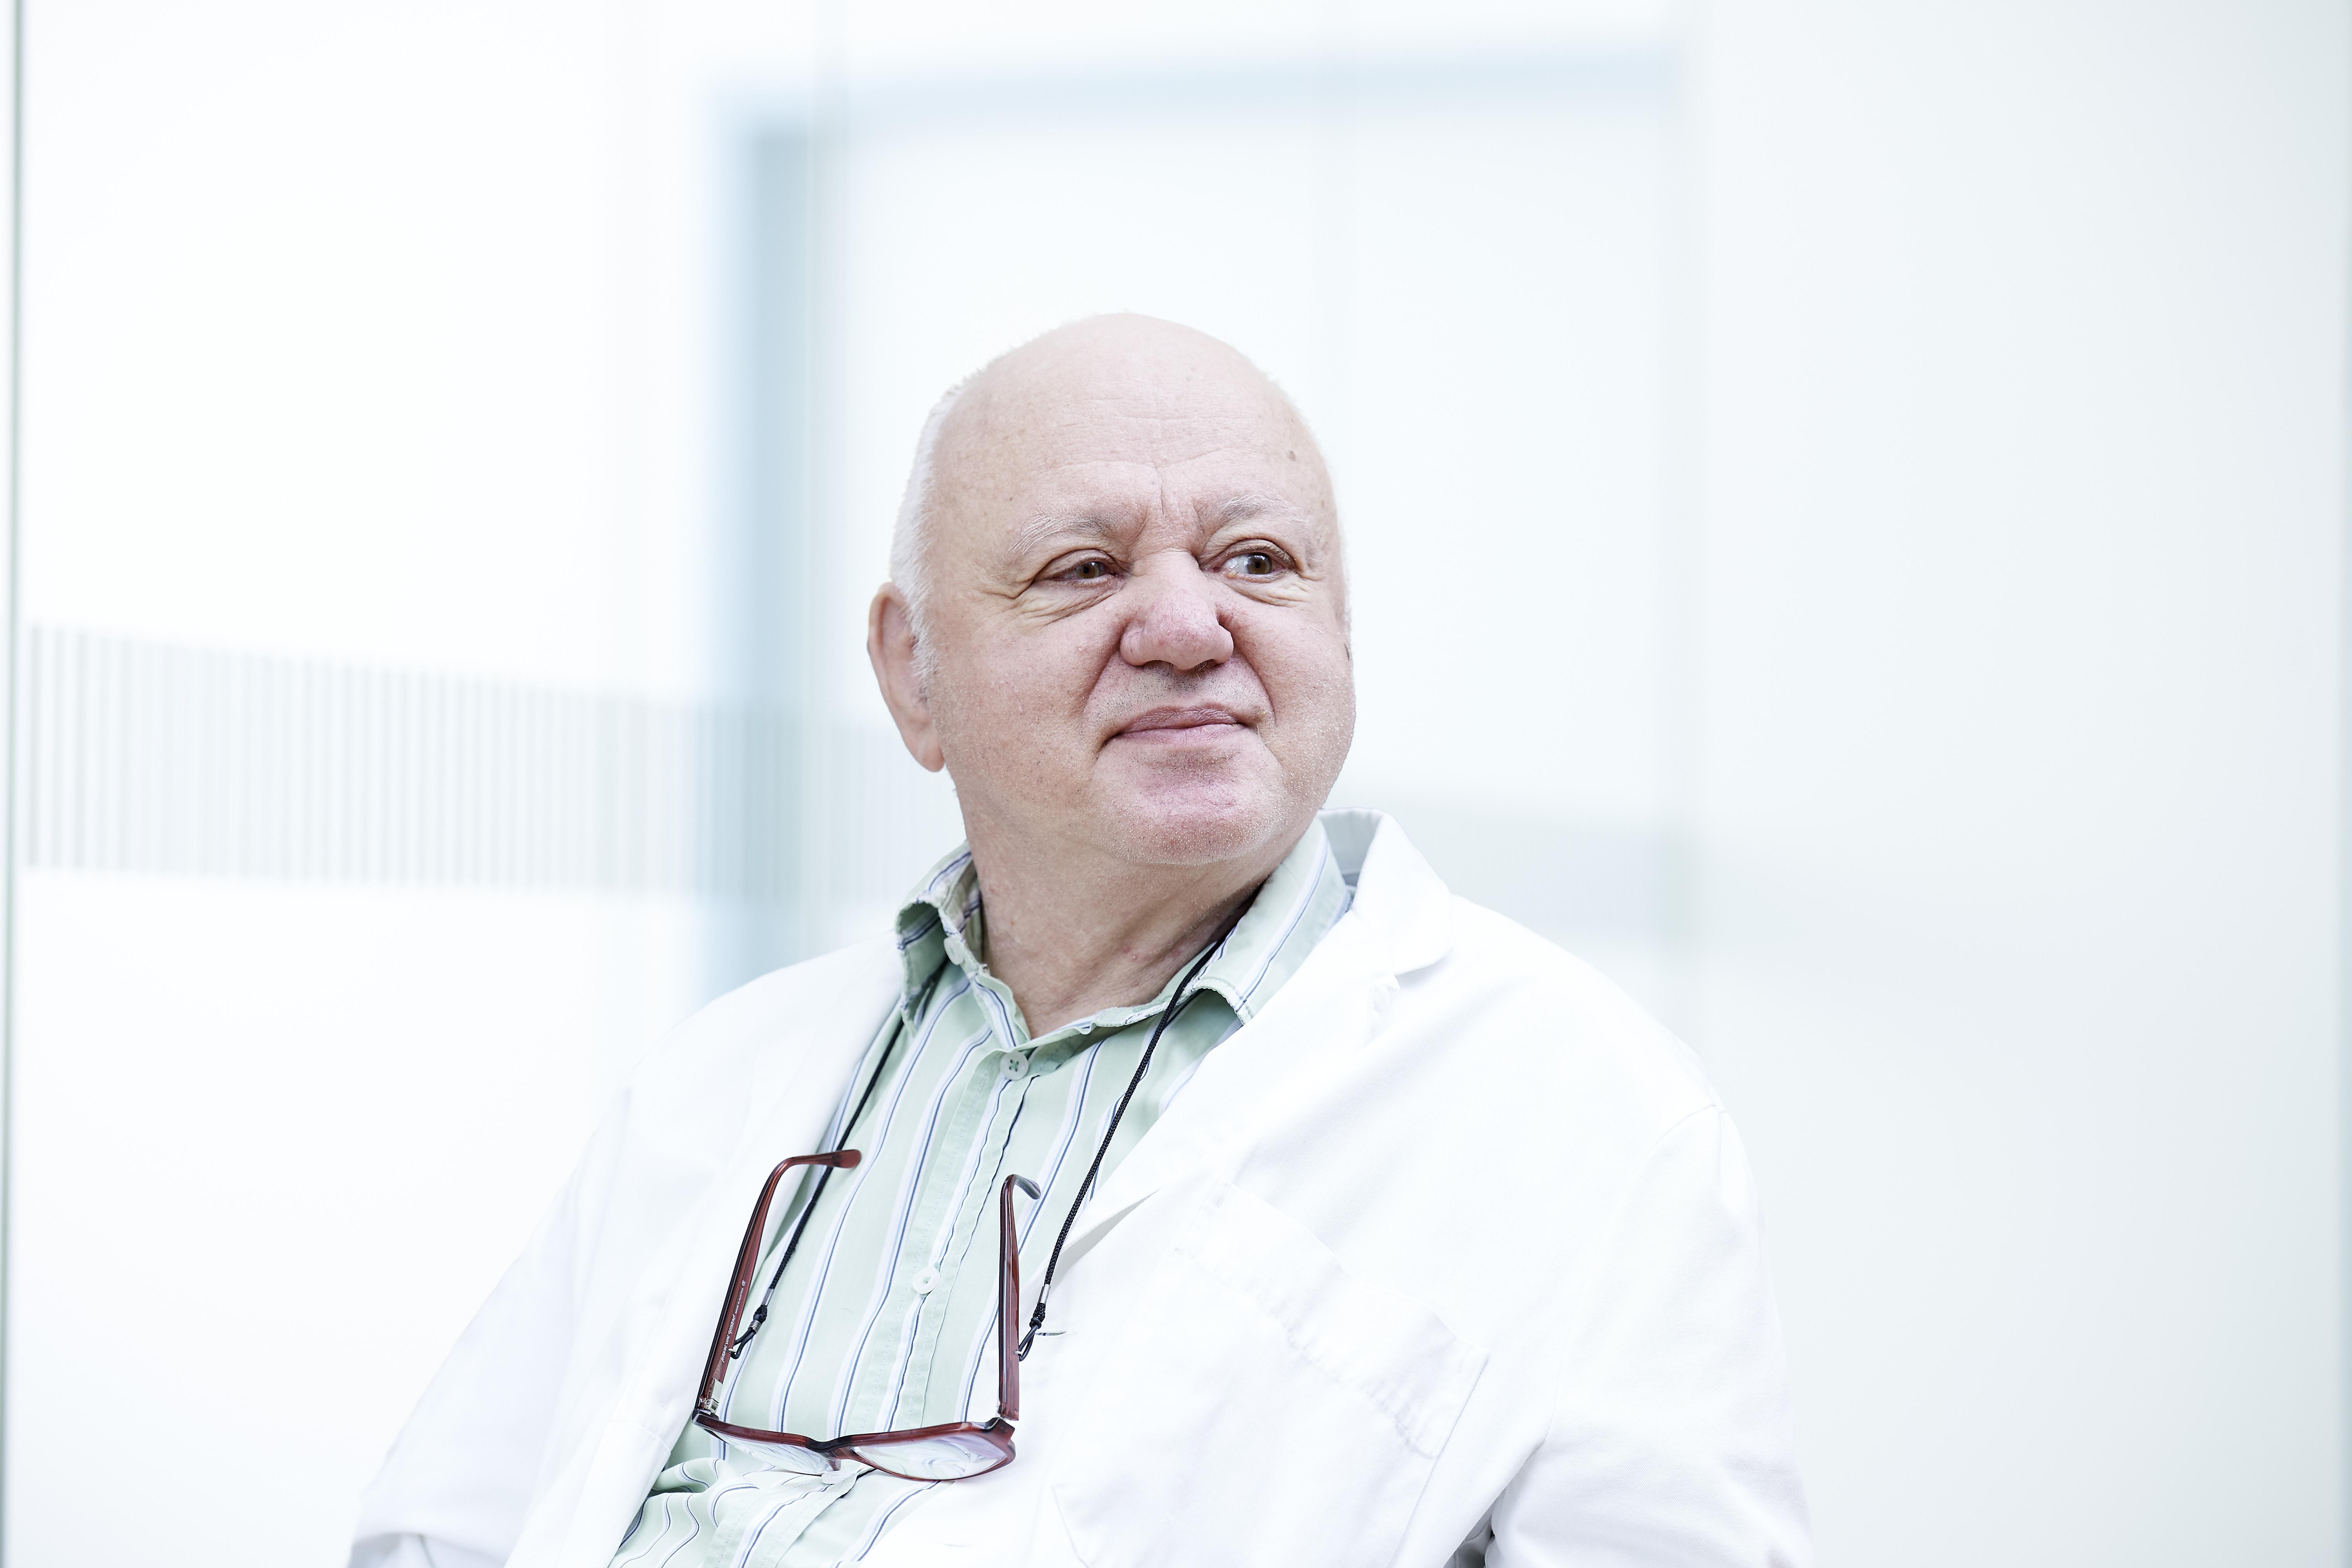 Dr. Alois Stangassinger